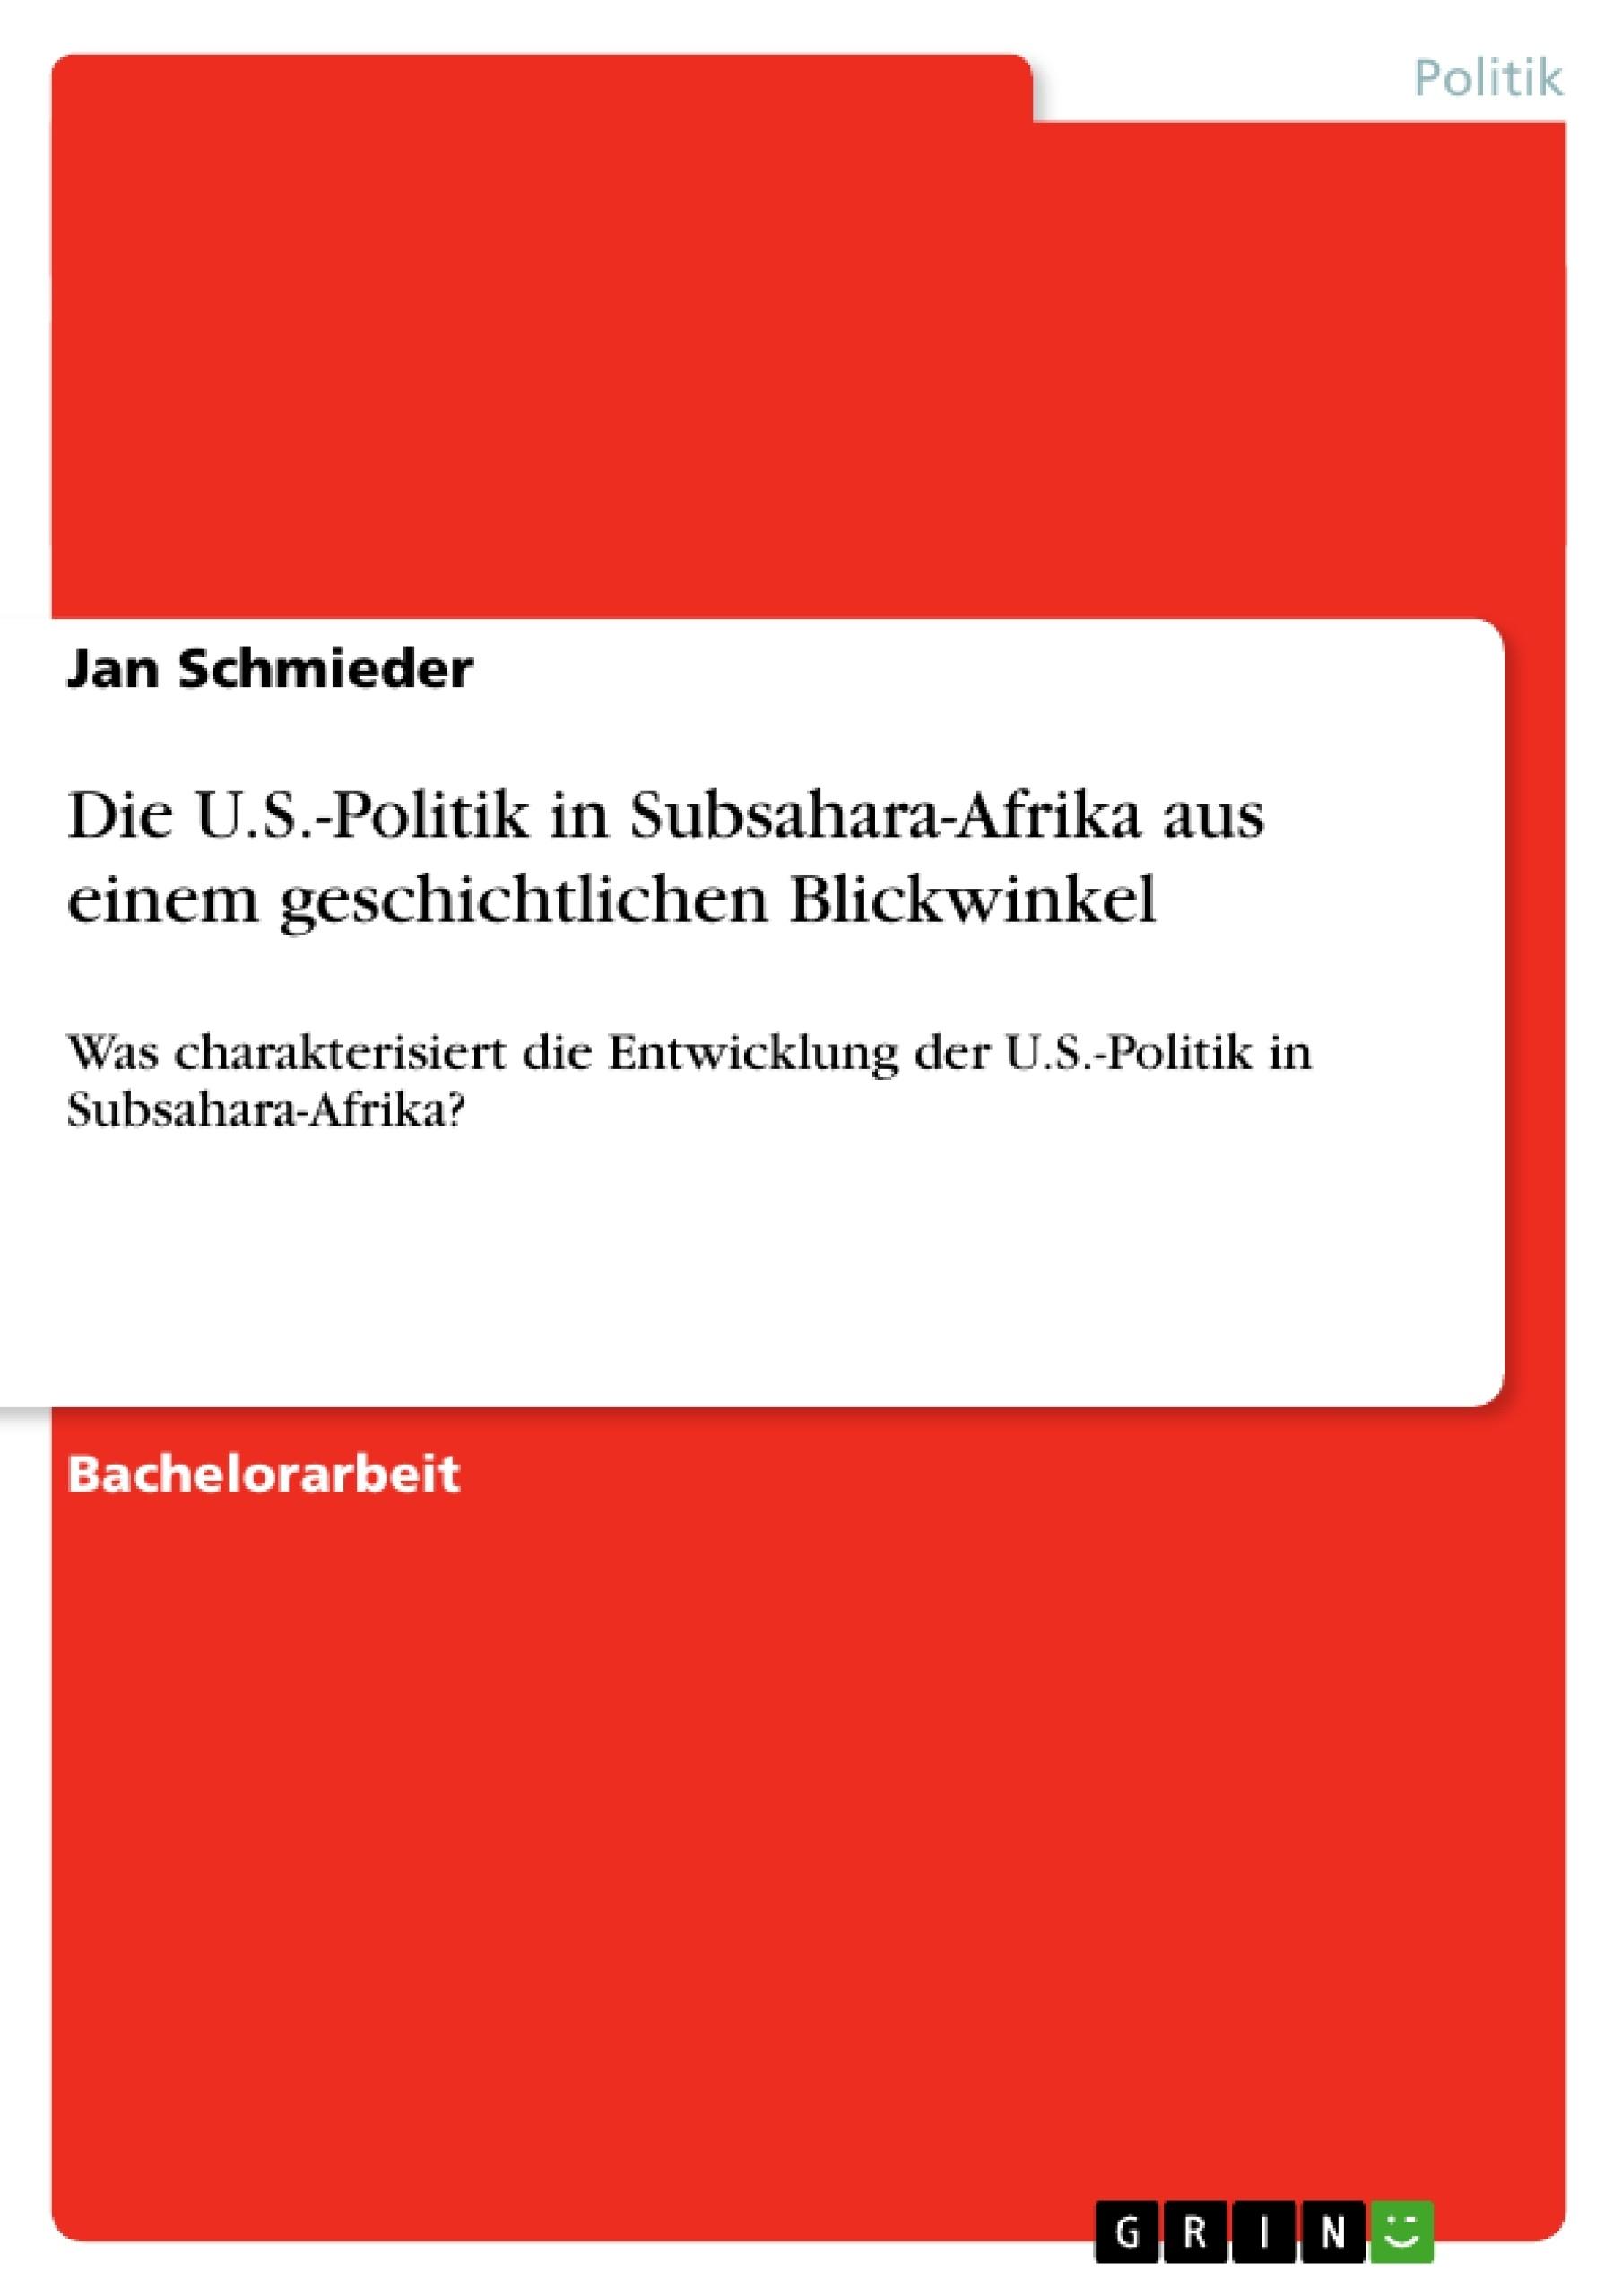 Titel: Die U.S.-Politik in Subsahara-Afrika aus einem geschichtlichen Blickwinkel